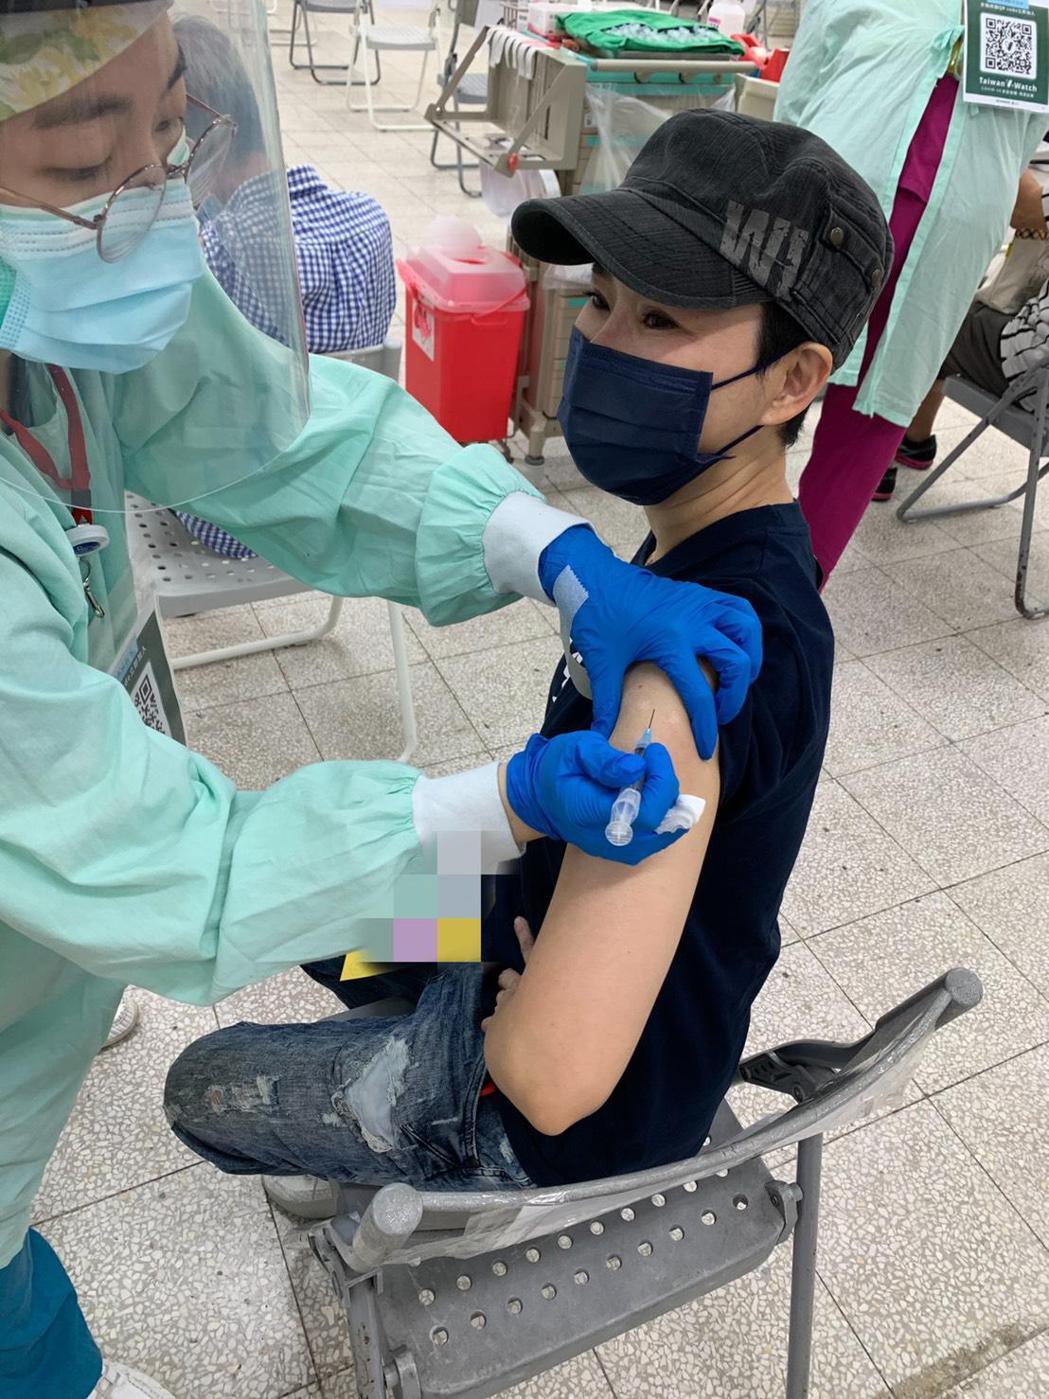 罹患帕金森氏症的詹雅雯打完疫苗。圖/固力狗娛樂提供